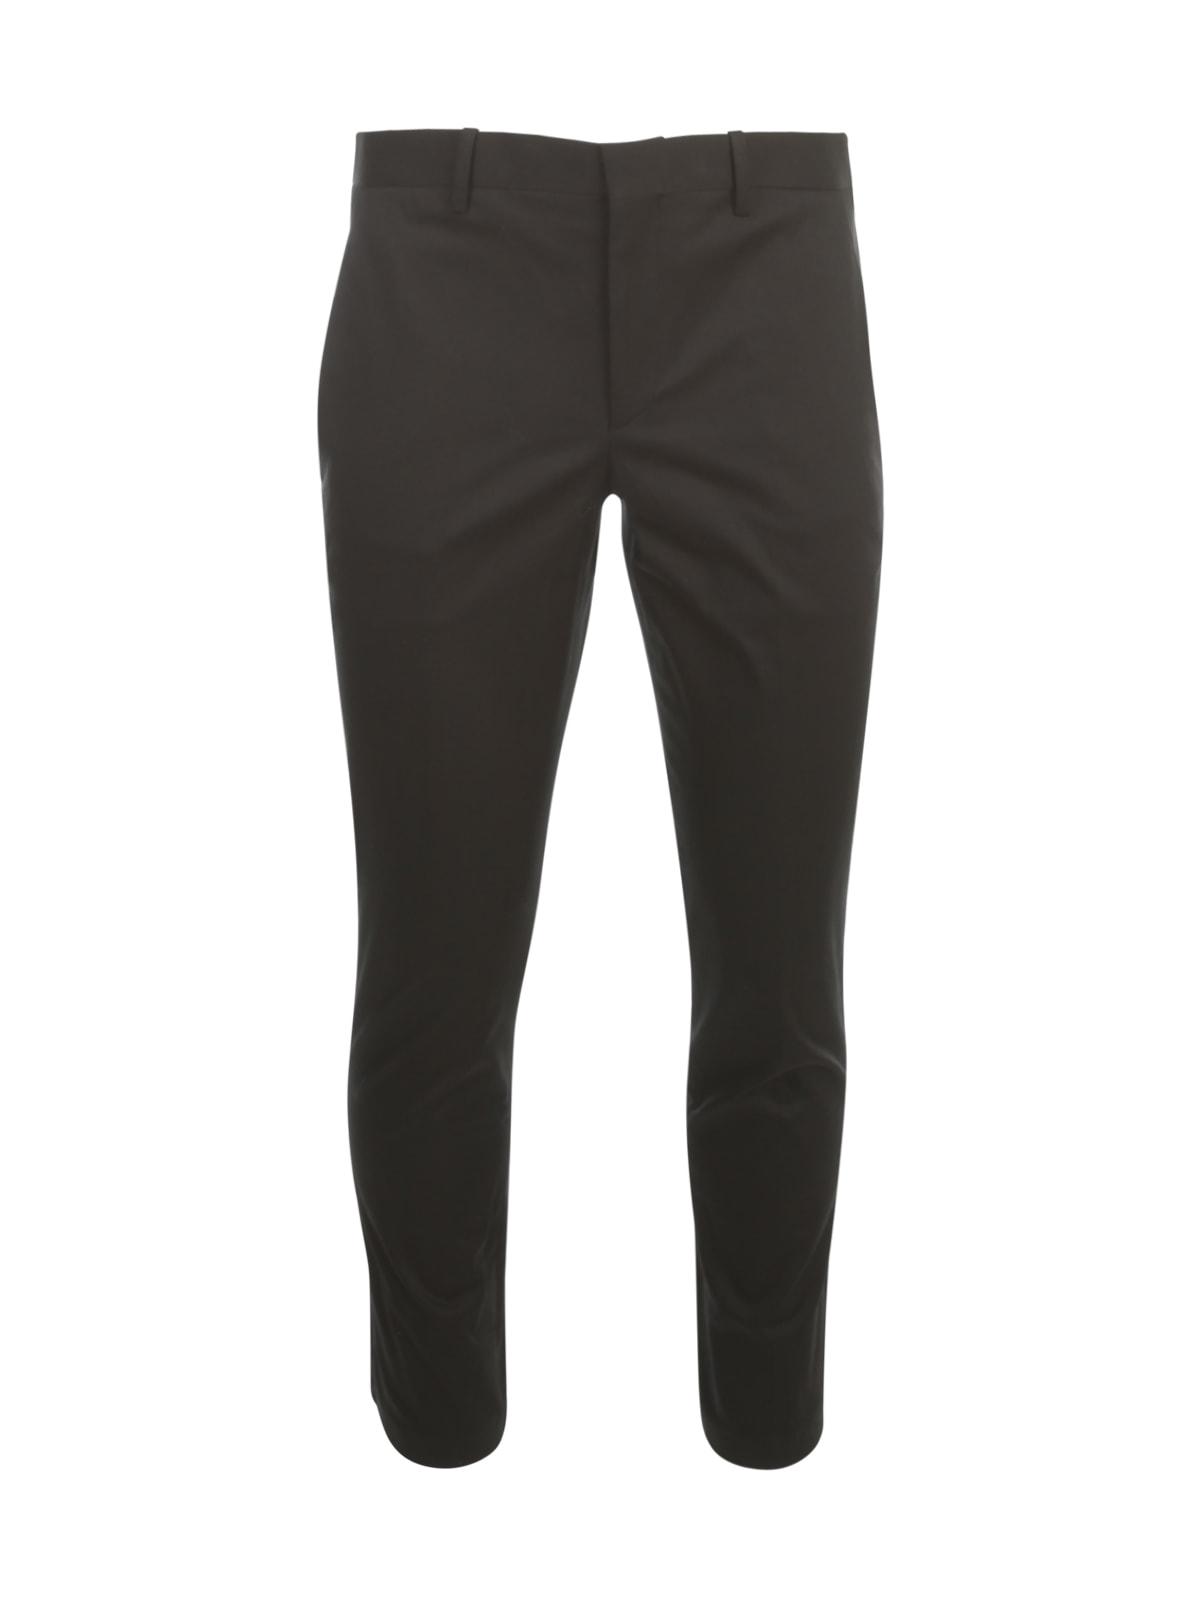 Neil Barrett Travel Slim Regular Rise Trousers